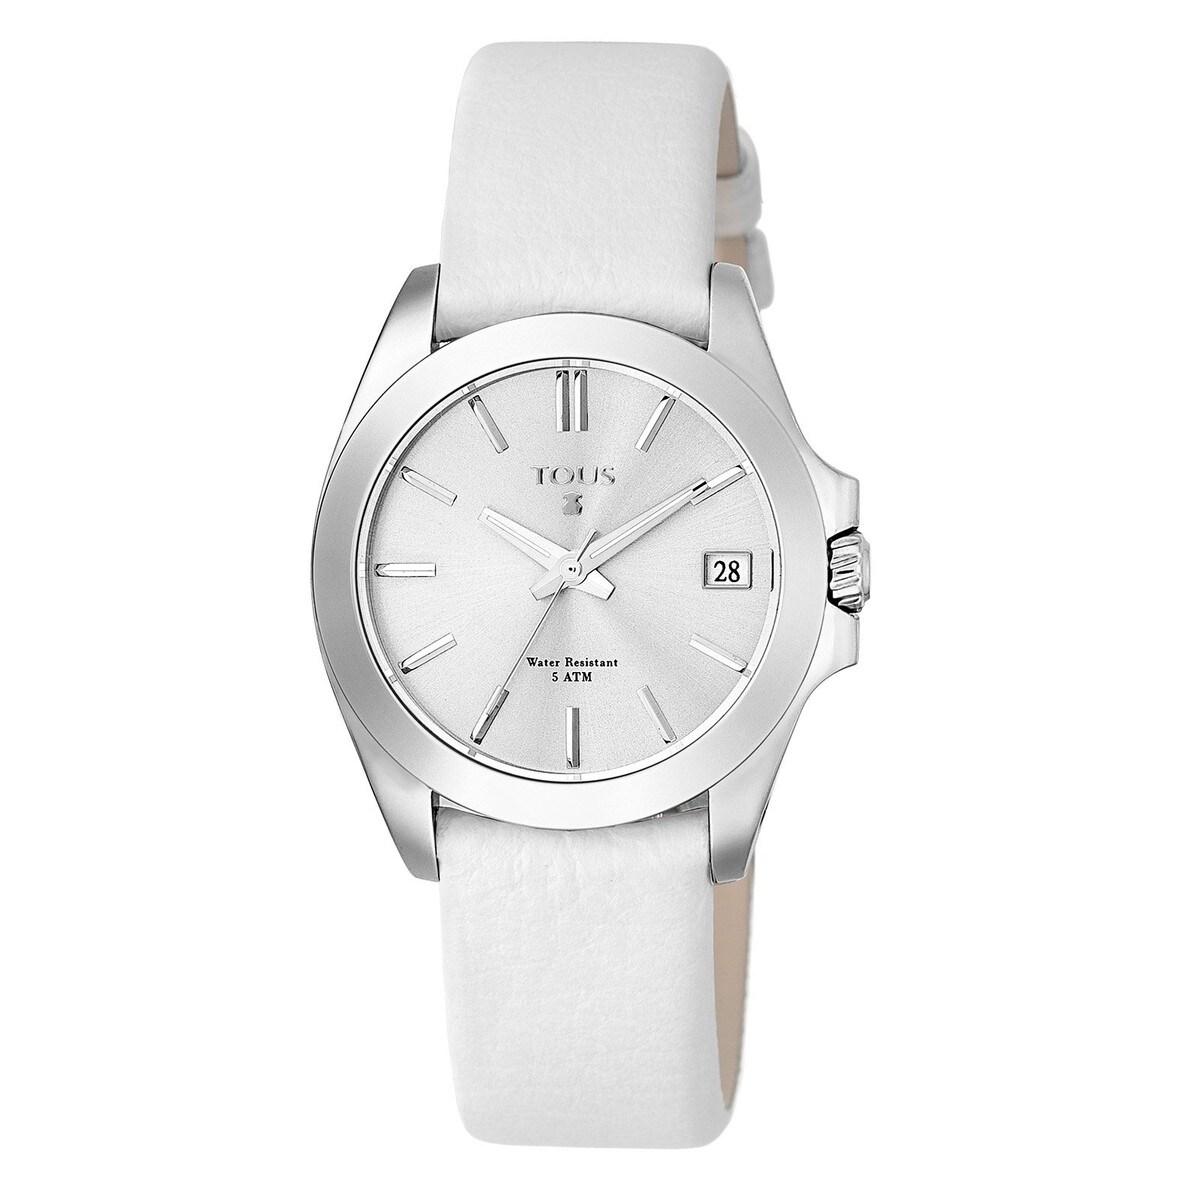 447dcf611e81 Reloj Drive 34 de acero con correa de piel marfil - Sitio web Tous ...